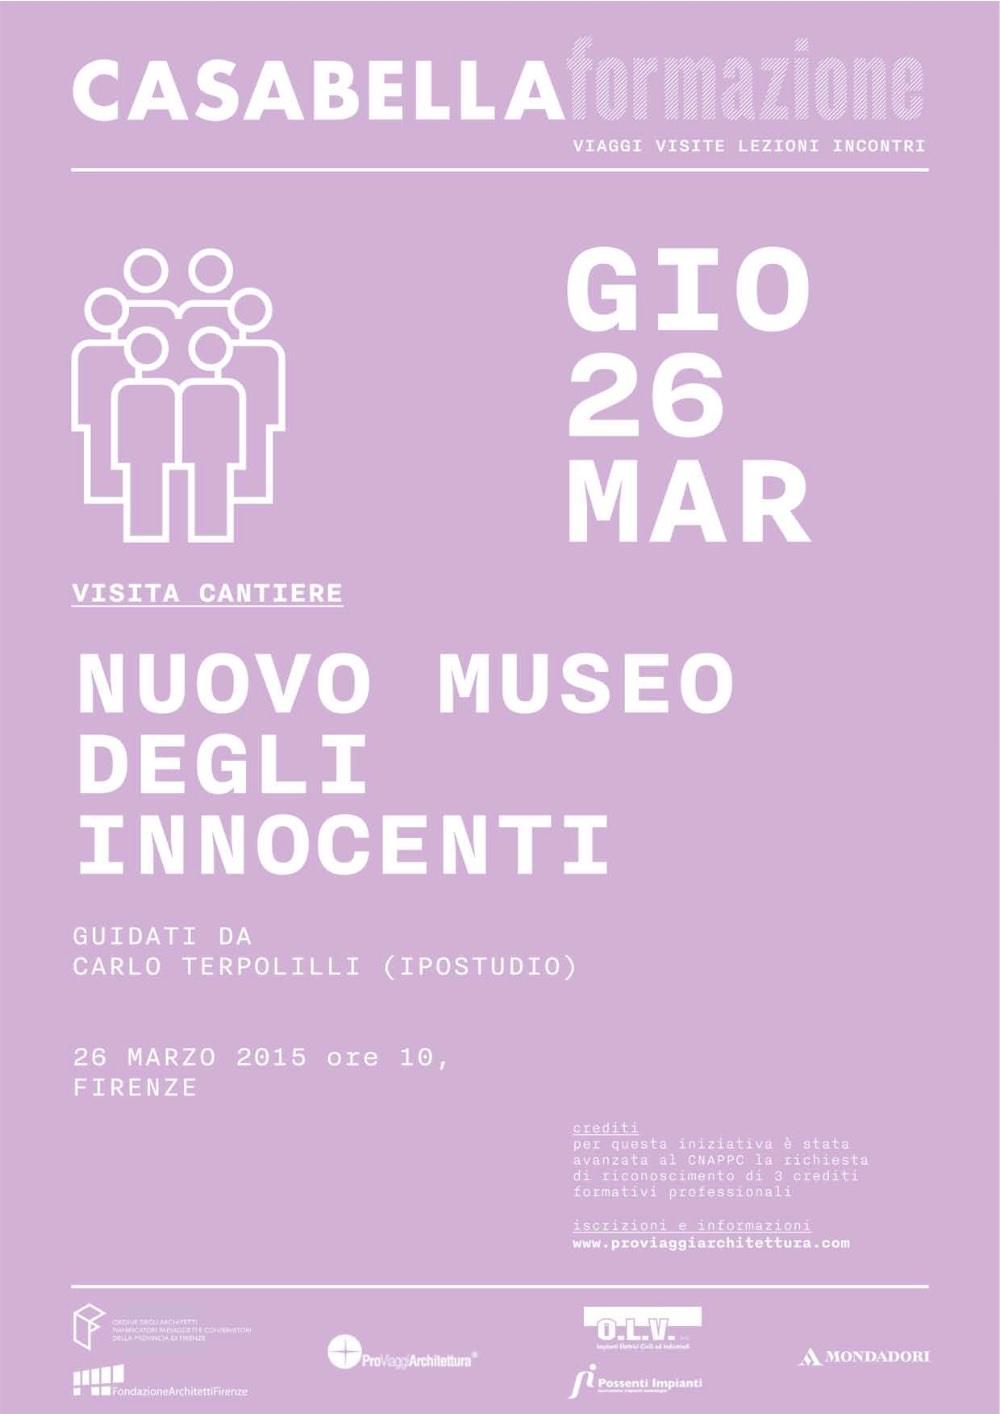 CASABELLA formazione visita Nuovo Museo degli innocenti Firenze PVA